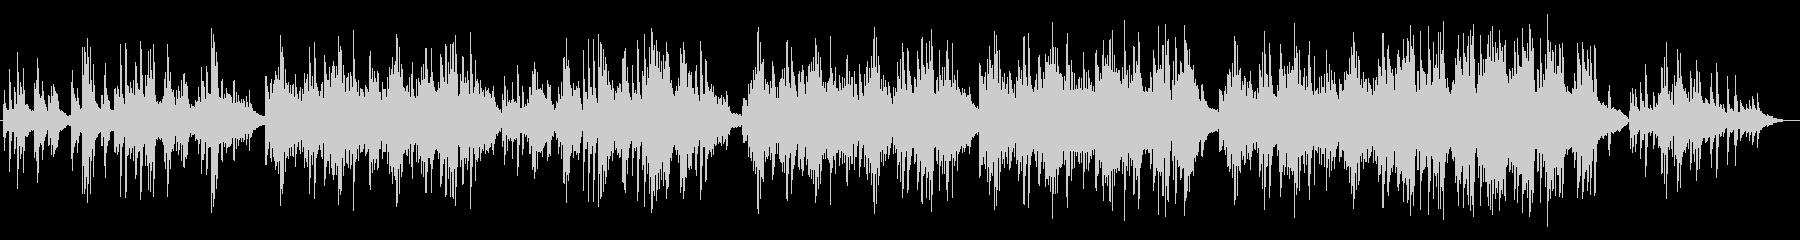 ゆったりしたピアノサウンドの未再生の波形